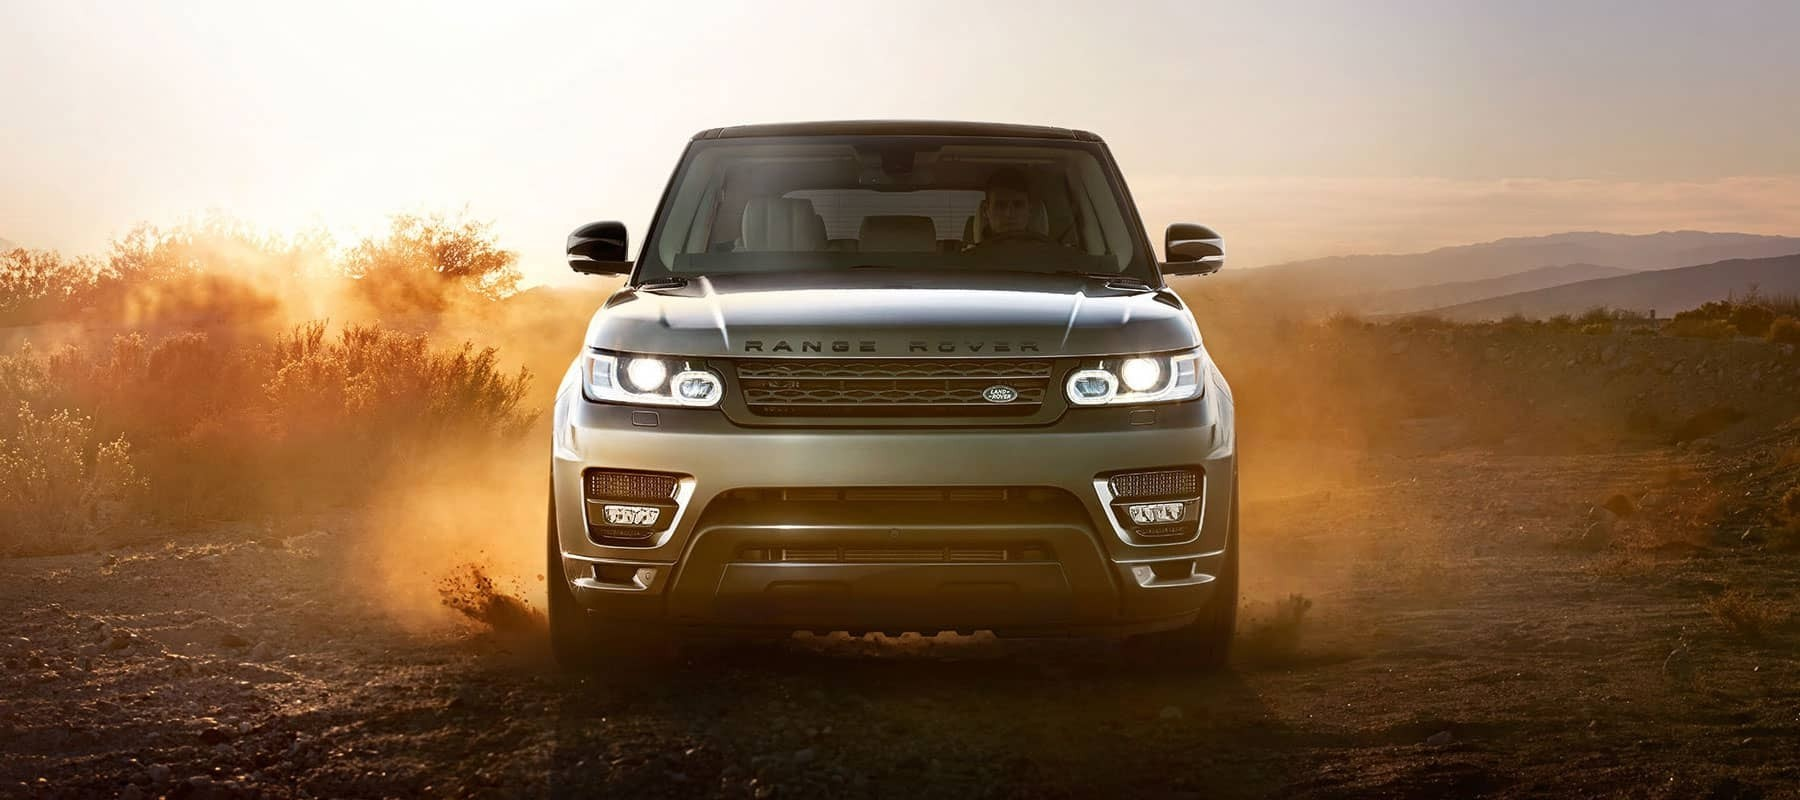 Land Rover Sun